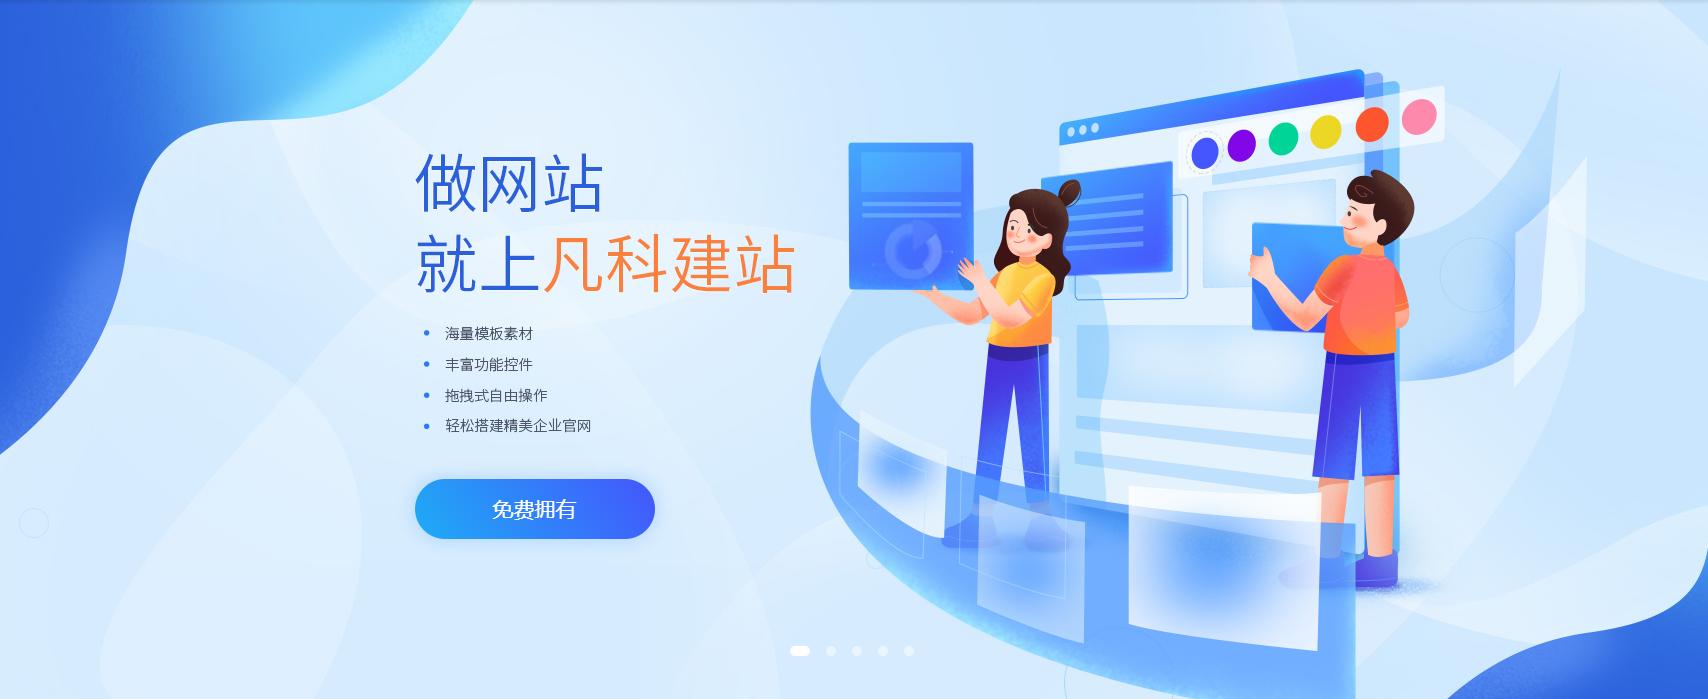 网站模板界面设计